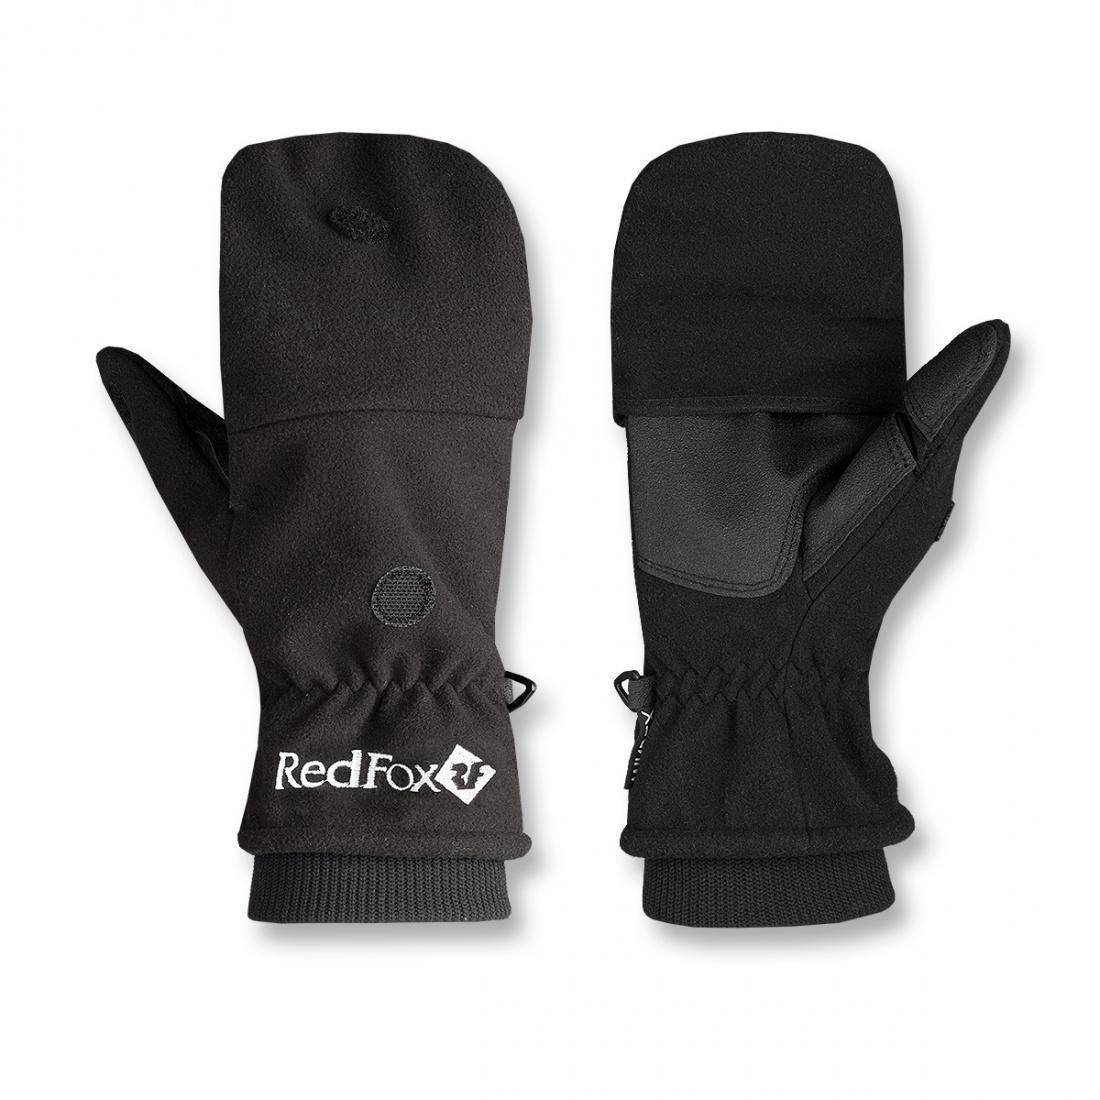 Перчатки TransmittenПерчатки<br><br> Перчатки-трансформеры с возможностью использования изделия с открытыми пальцами, а также в качестветеплых, непродуваемых рукавиц.<br><br><br> Основные характеристики:<br><br><br><br><br>комфортная регулировка ладони, позволяющая транс...<br><br>Цвет: Черный<br>Размер: XL